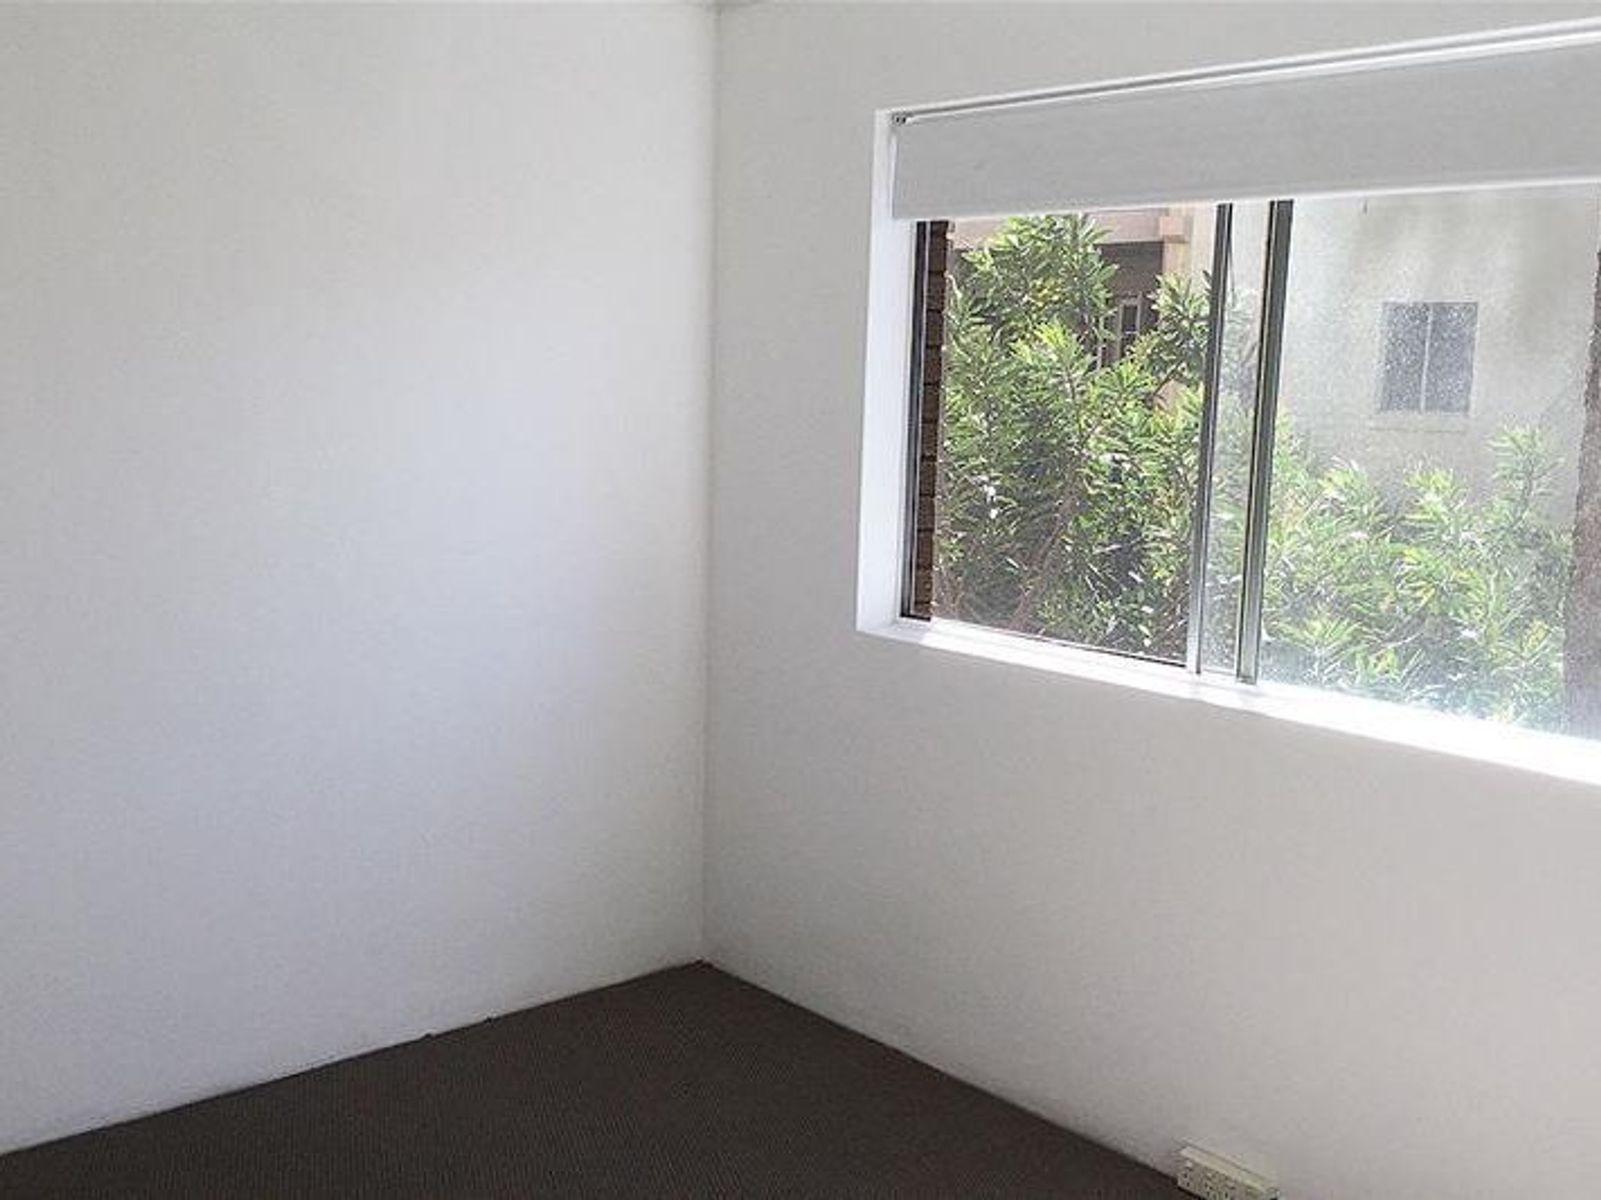 2/137 Belmont Road, Mosman, NSW 2088